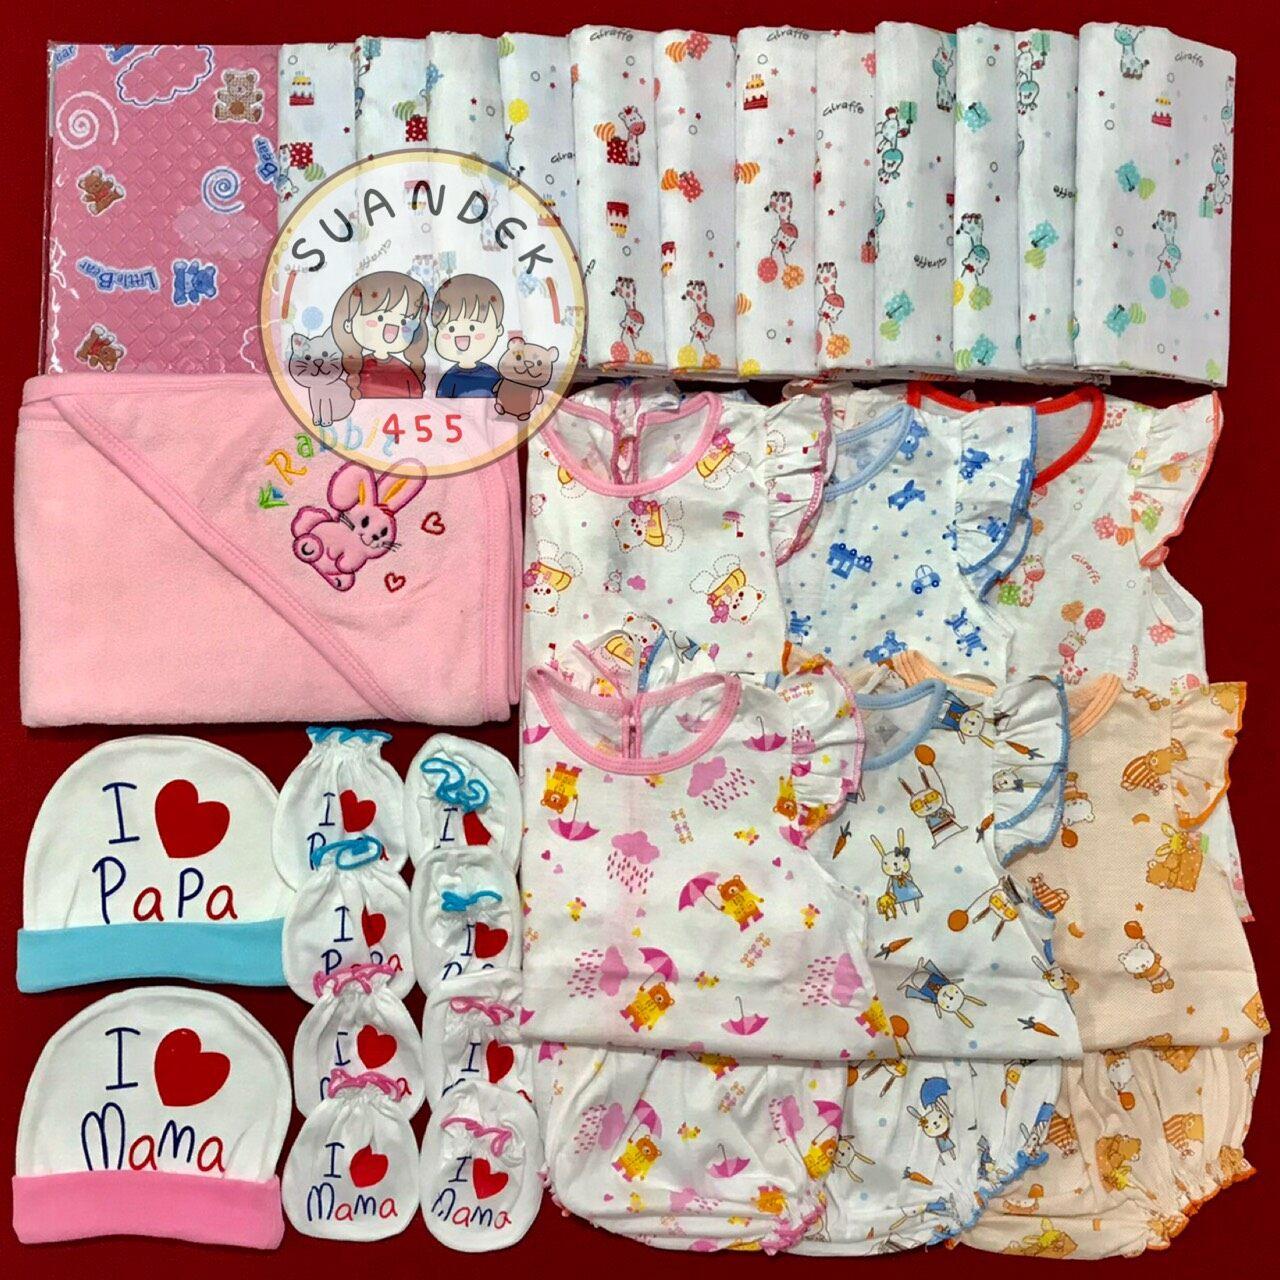 ซื้อที่ไหน ของใช้เตรียมคลอด ชุดของขวัญเยี่ยมคลอด เด็กหญิง ชุดผูกหล้งแขนระบาย 8 รายการ 33 3 ชิ้น